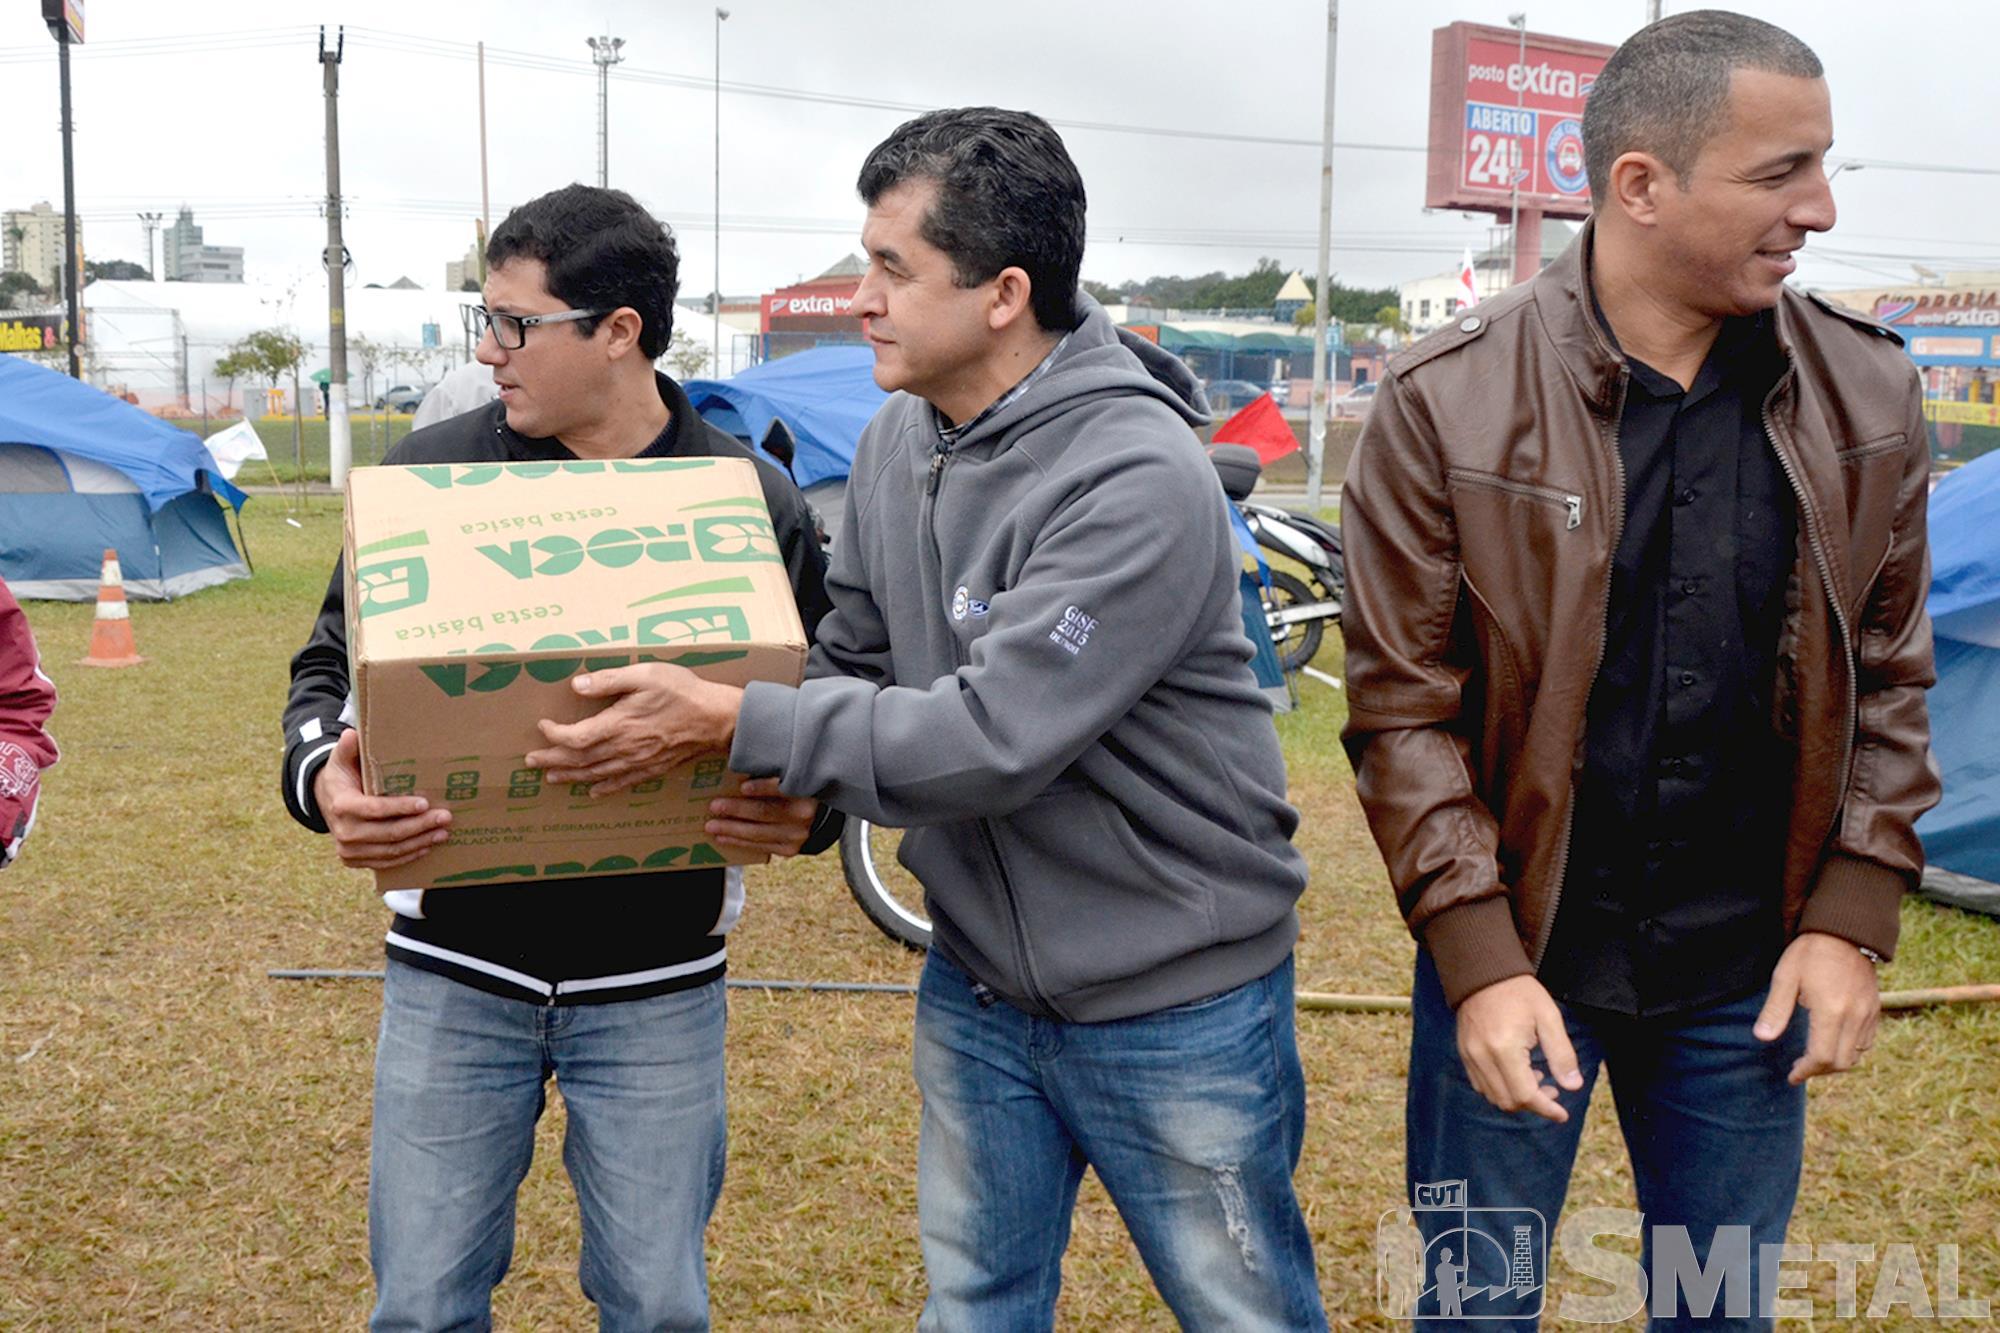 SMetal doa cestas básicas aos metalúrgicos acampados na Mercedes Benz